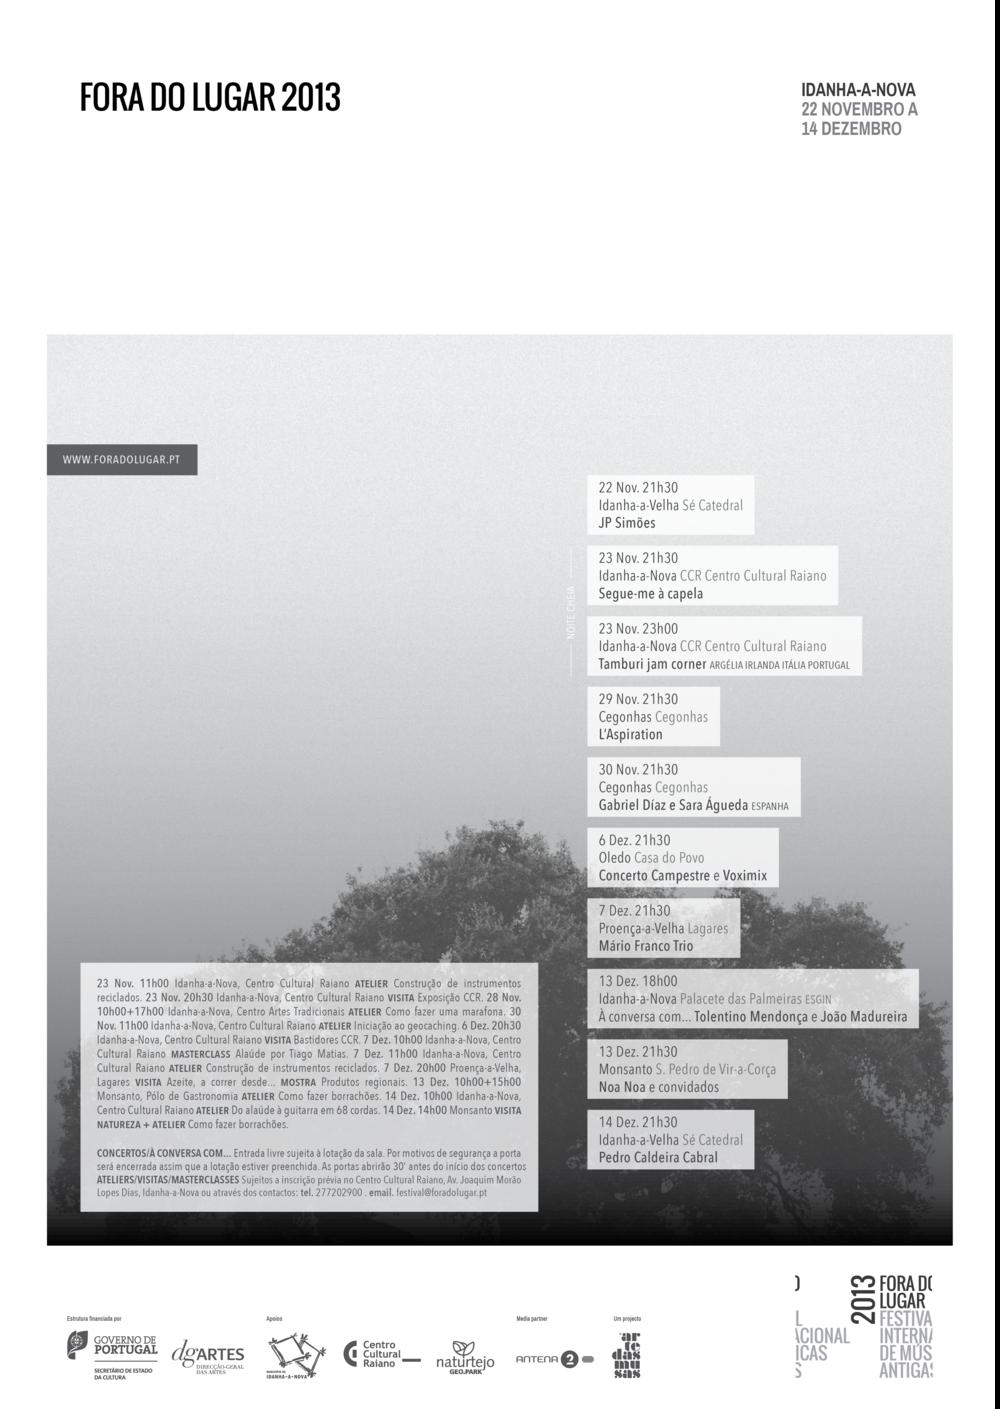 Cartaz Fora do Lugar 2013